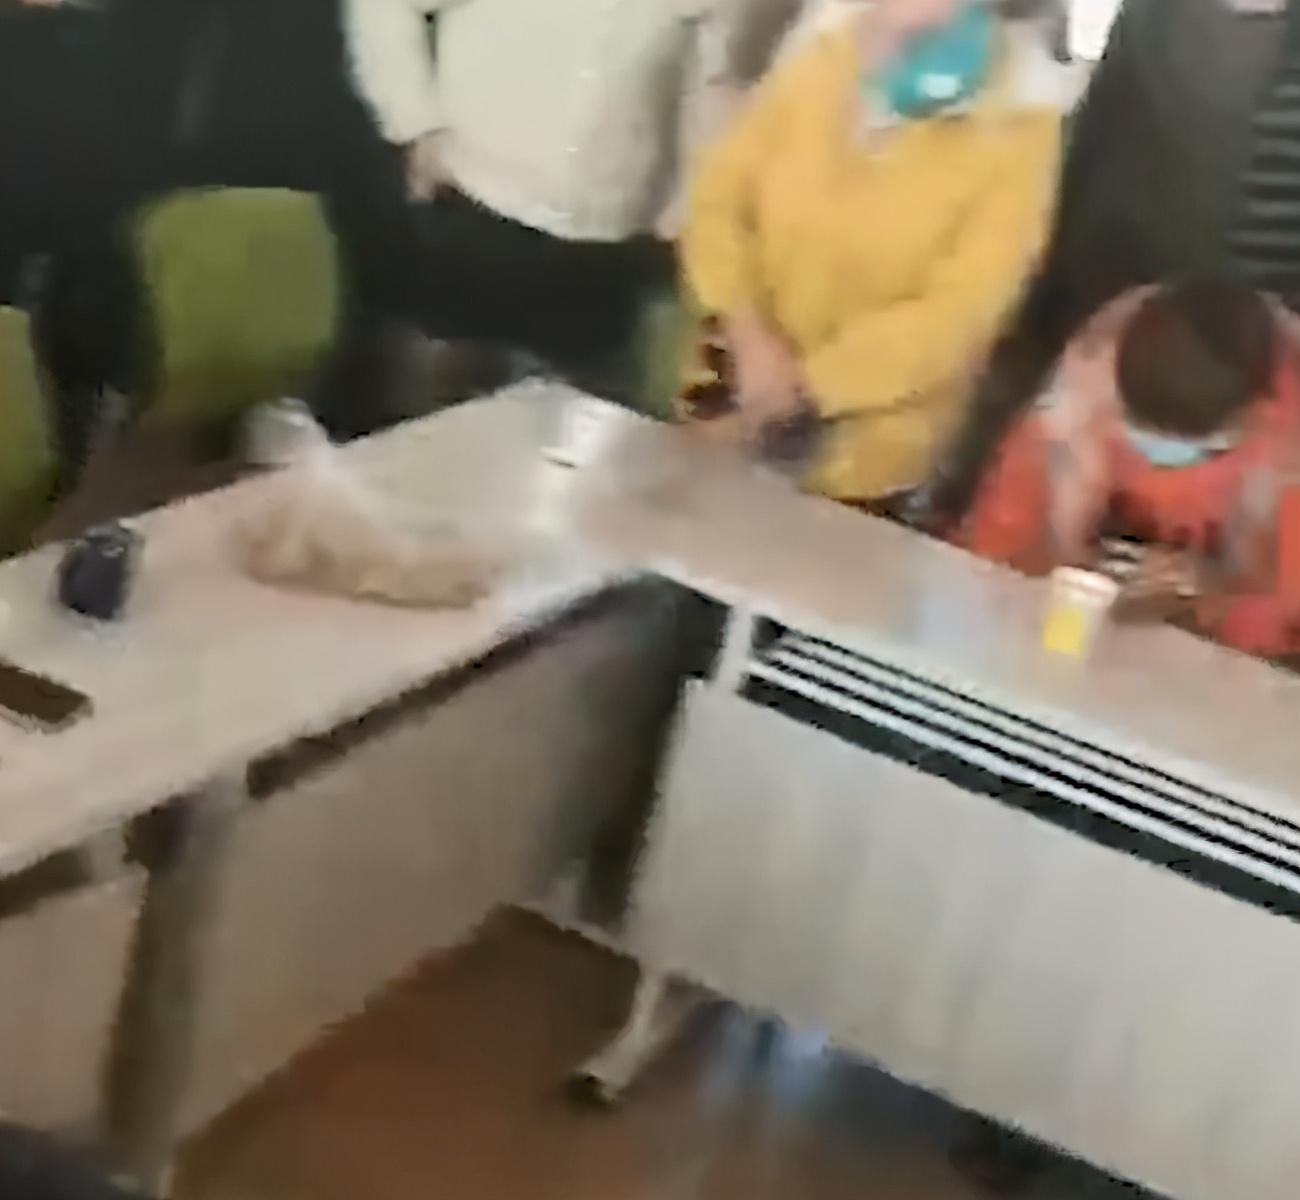 河北一幼儿园食物腐坏遭家长举报,政府:立即调查,园长停职检查